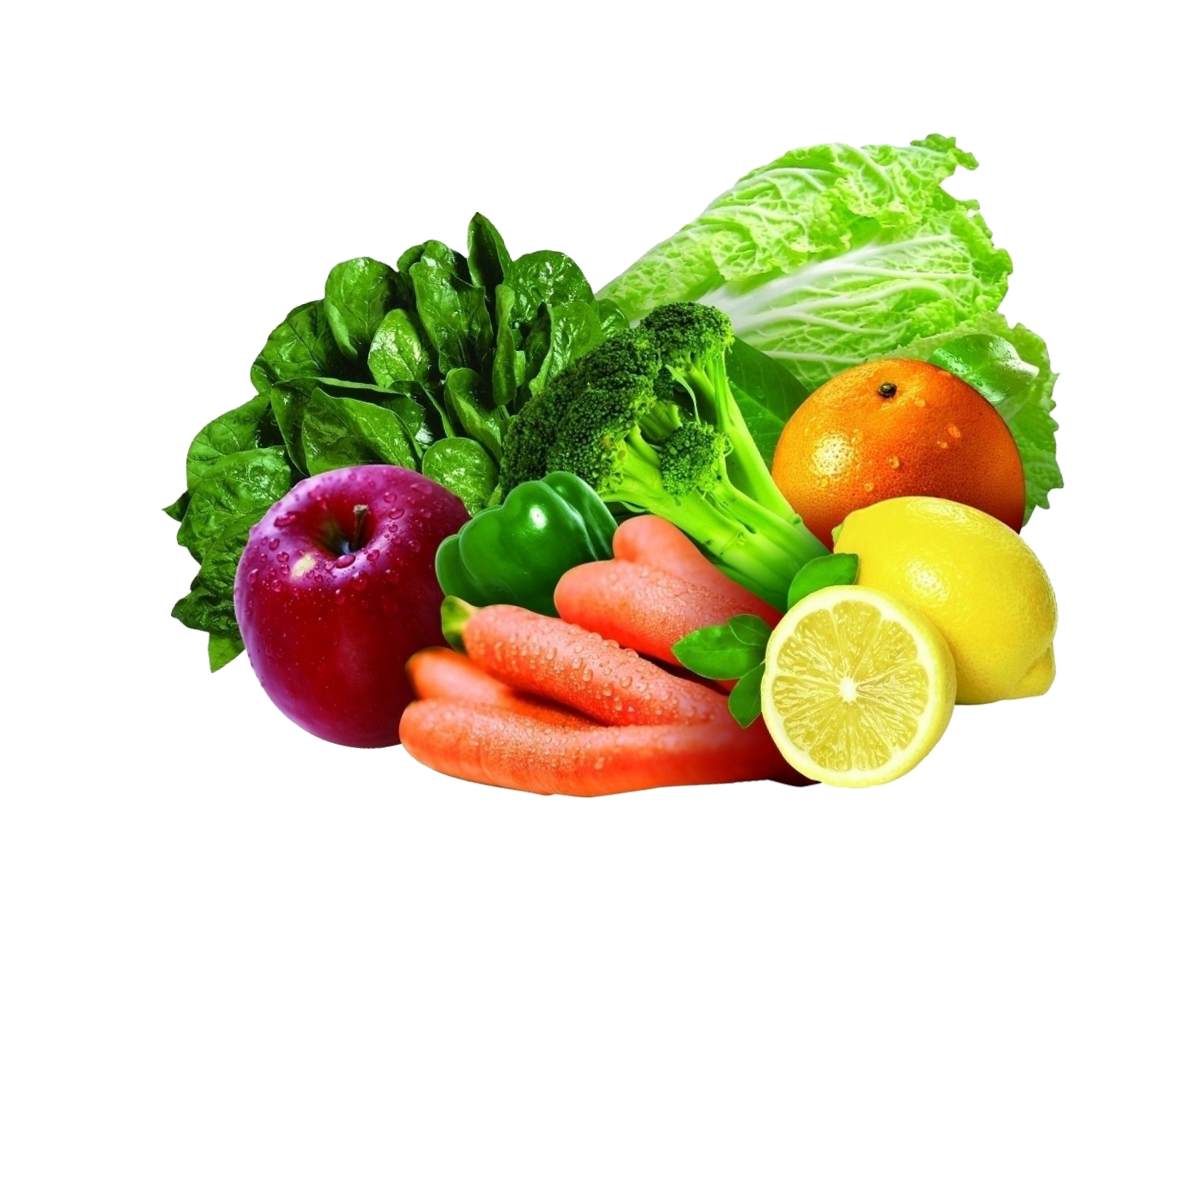 Vegetable Auglis Aedmaasikas.